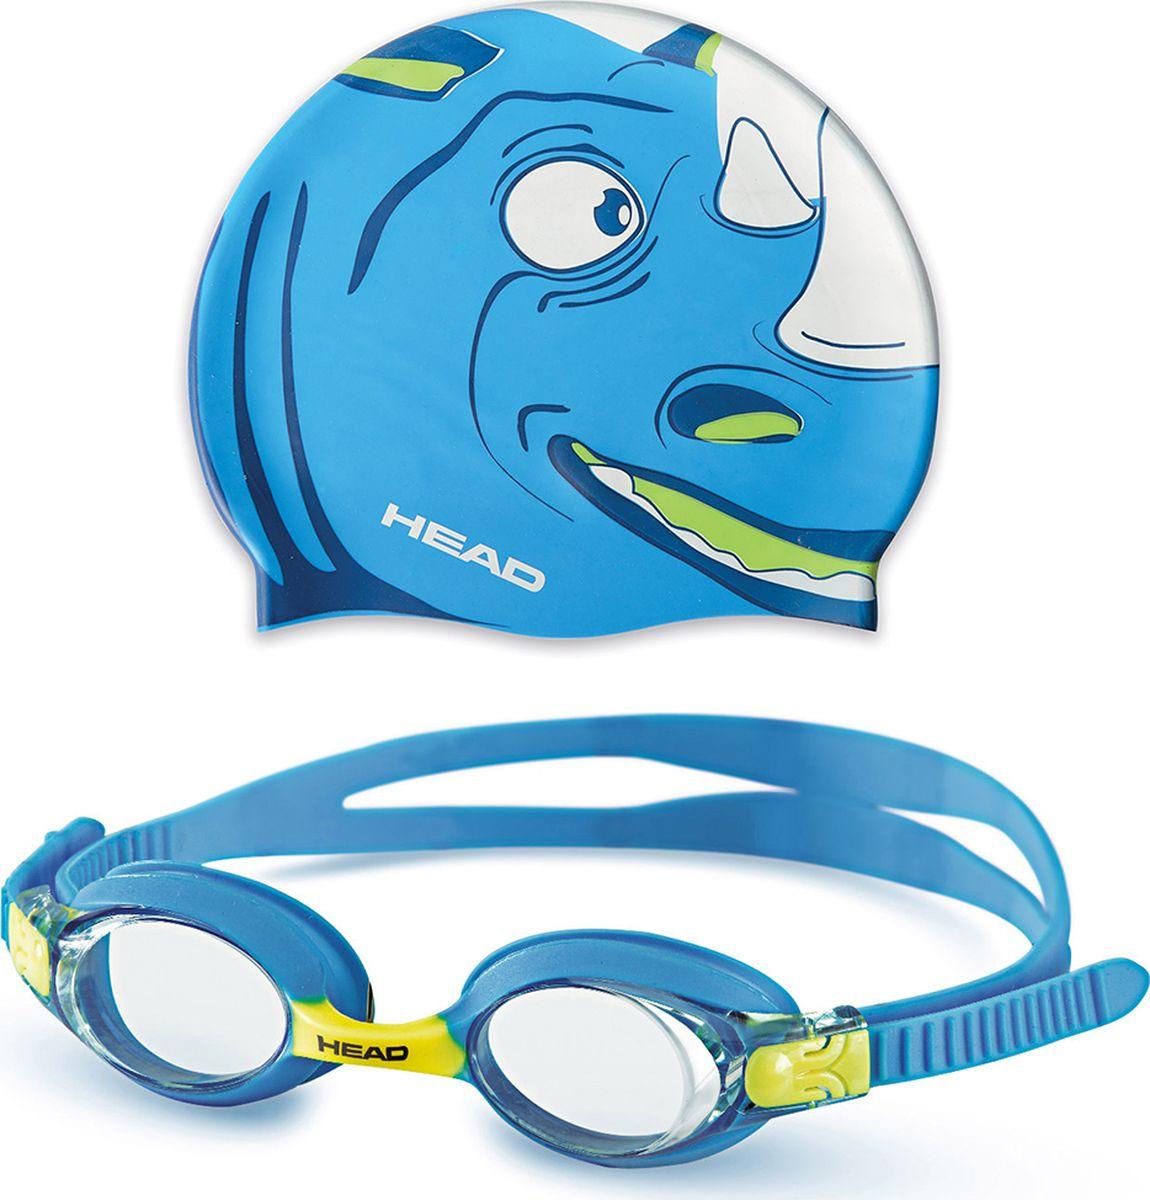 Детский набор для плавания HEAD Meteor Character, цвет: синий451020-BLBLЯркий детский набор HEAD Meteor Character привлечет внимание любого юного пловца. Набордля плавания включает в себя шапочку и очки.Шапочка выполнена из силикона, и оформлена ярким принтом.Плотное прилегание очков и комфорт обеспечиваются силиконовыми наглазниками.Силиконовый ремешок можно регулировать по размеру.